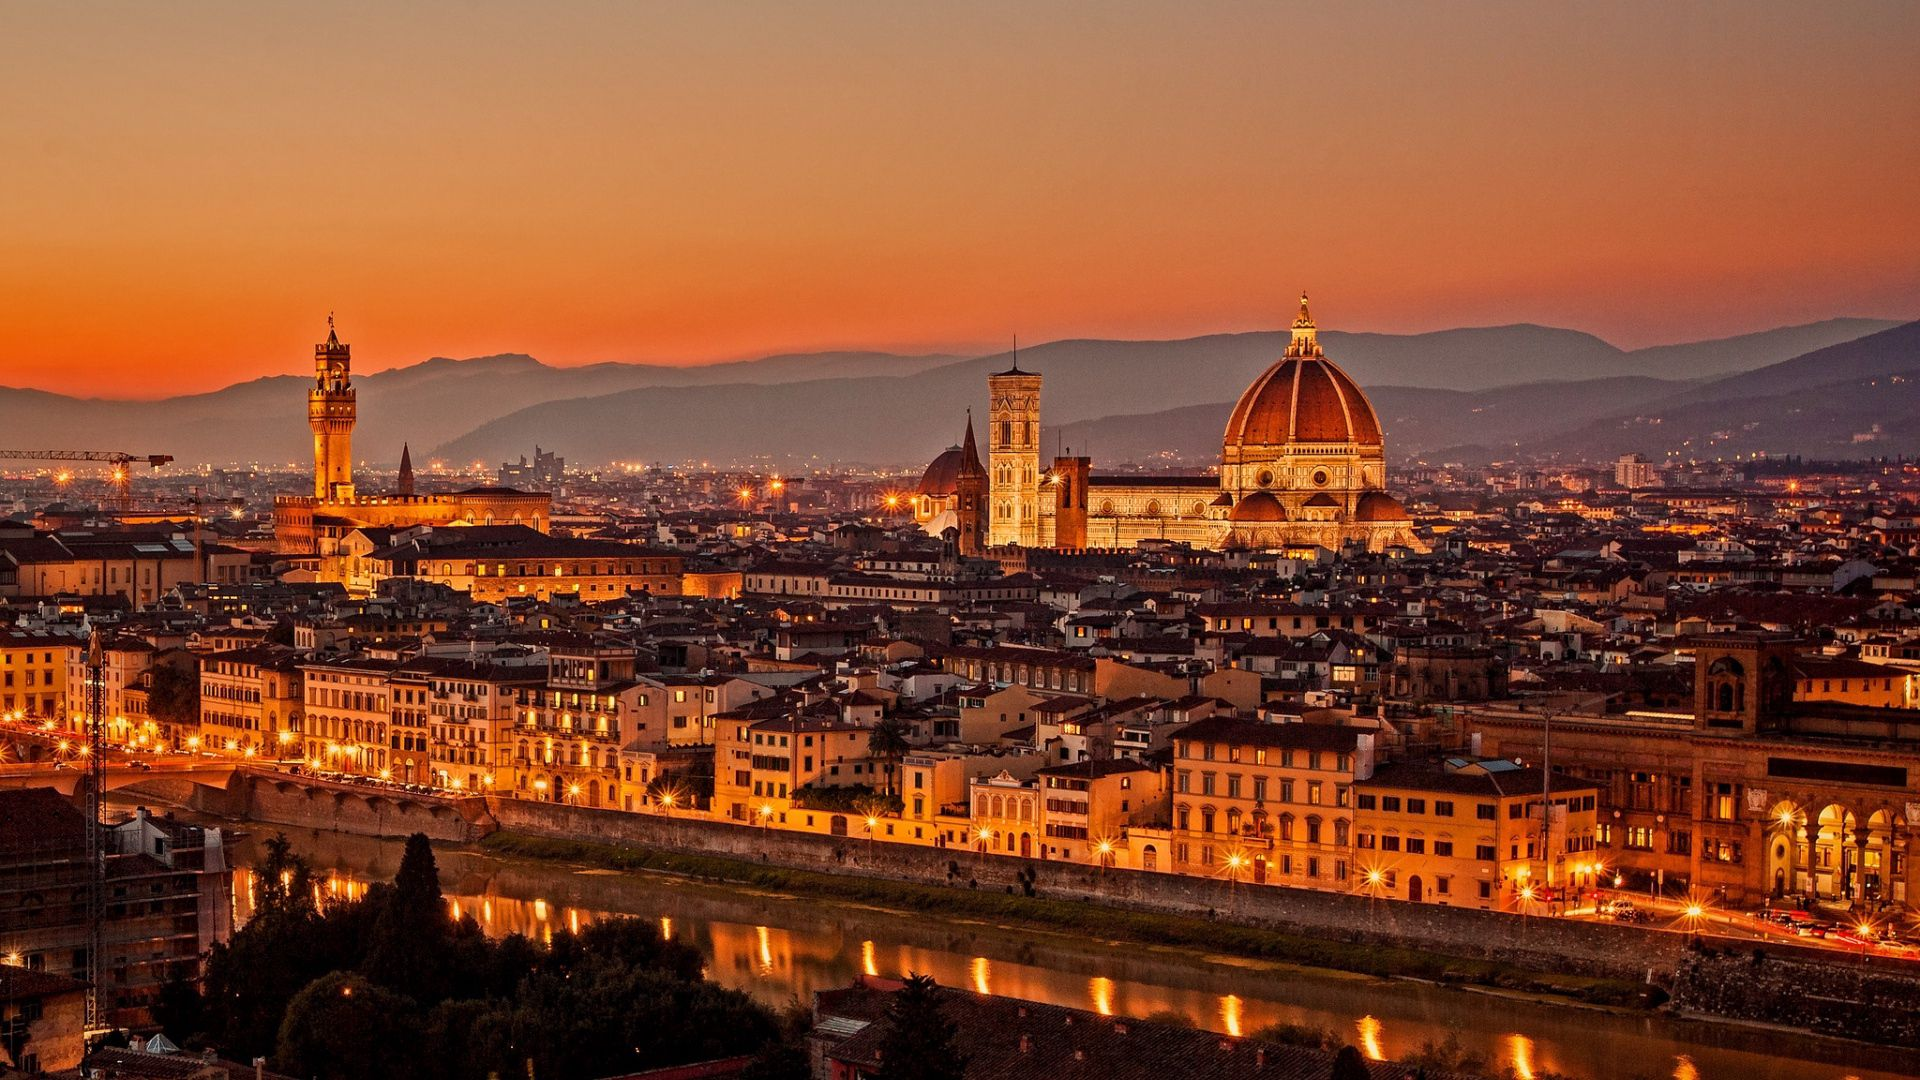 133446 скачать обои Италия, Флоренция, Города, Firenze, La Cattedrale, Ди Санта Мария Дель Фьоре - заставки и картинки бесплатно